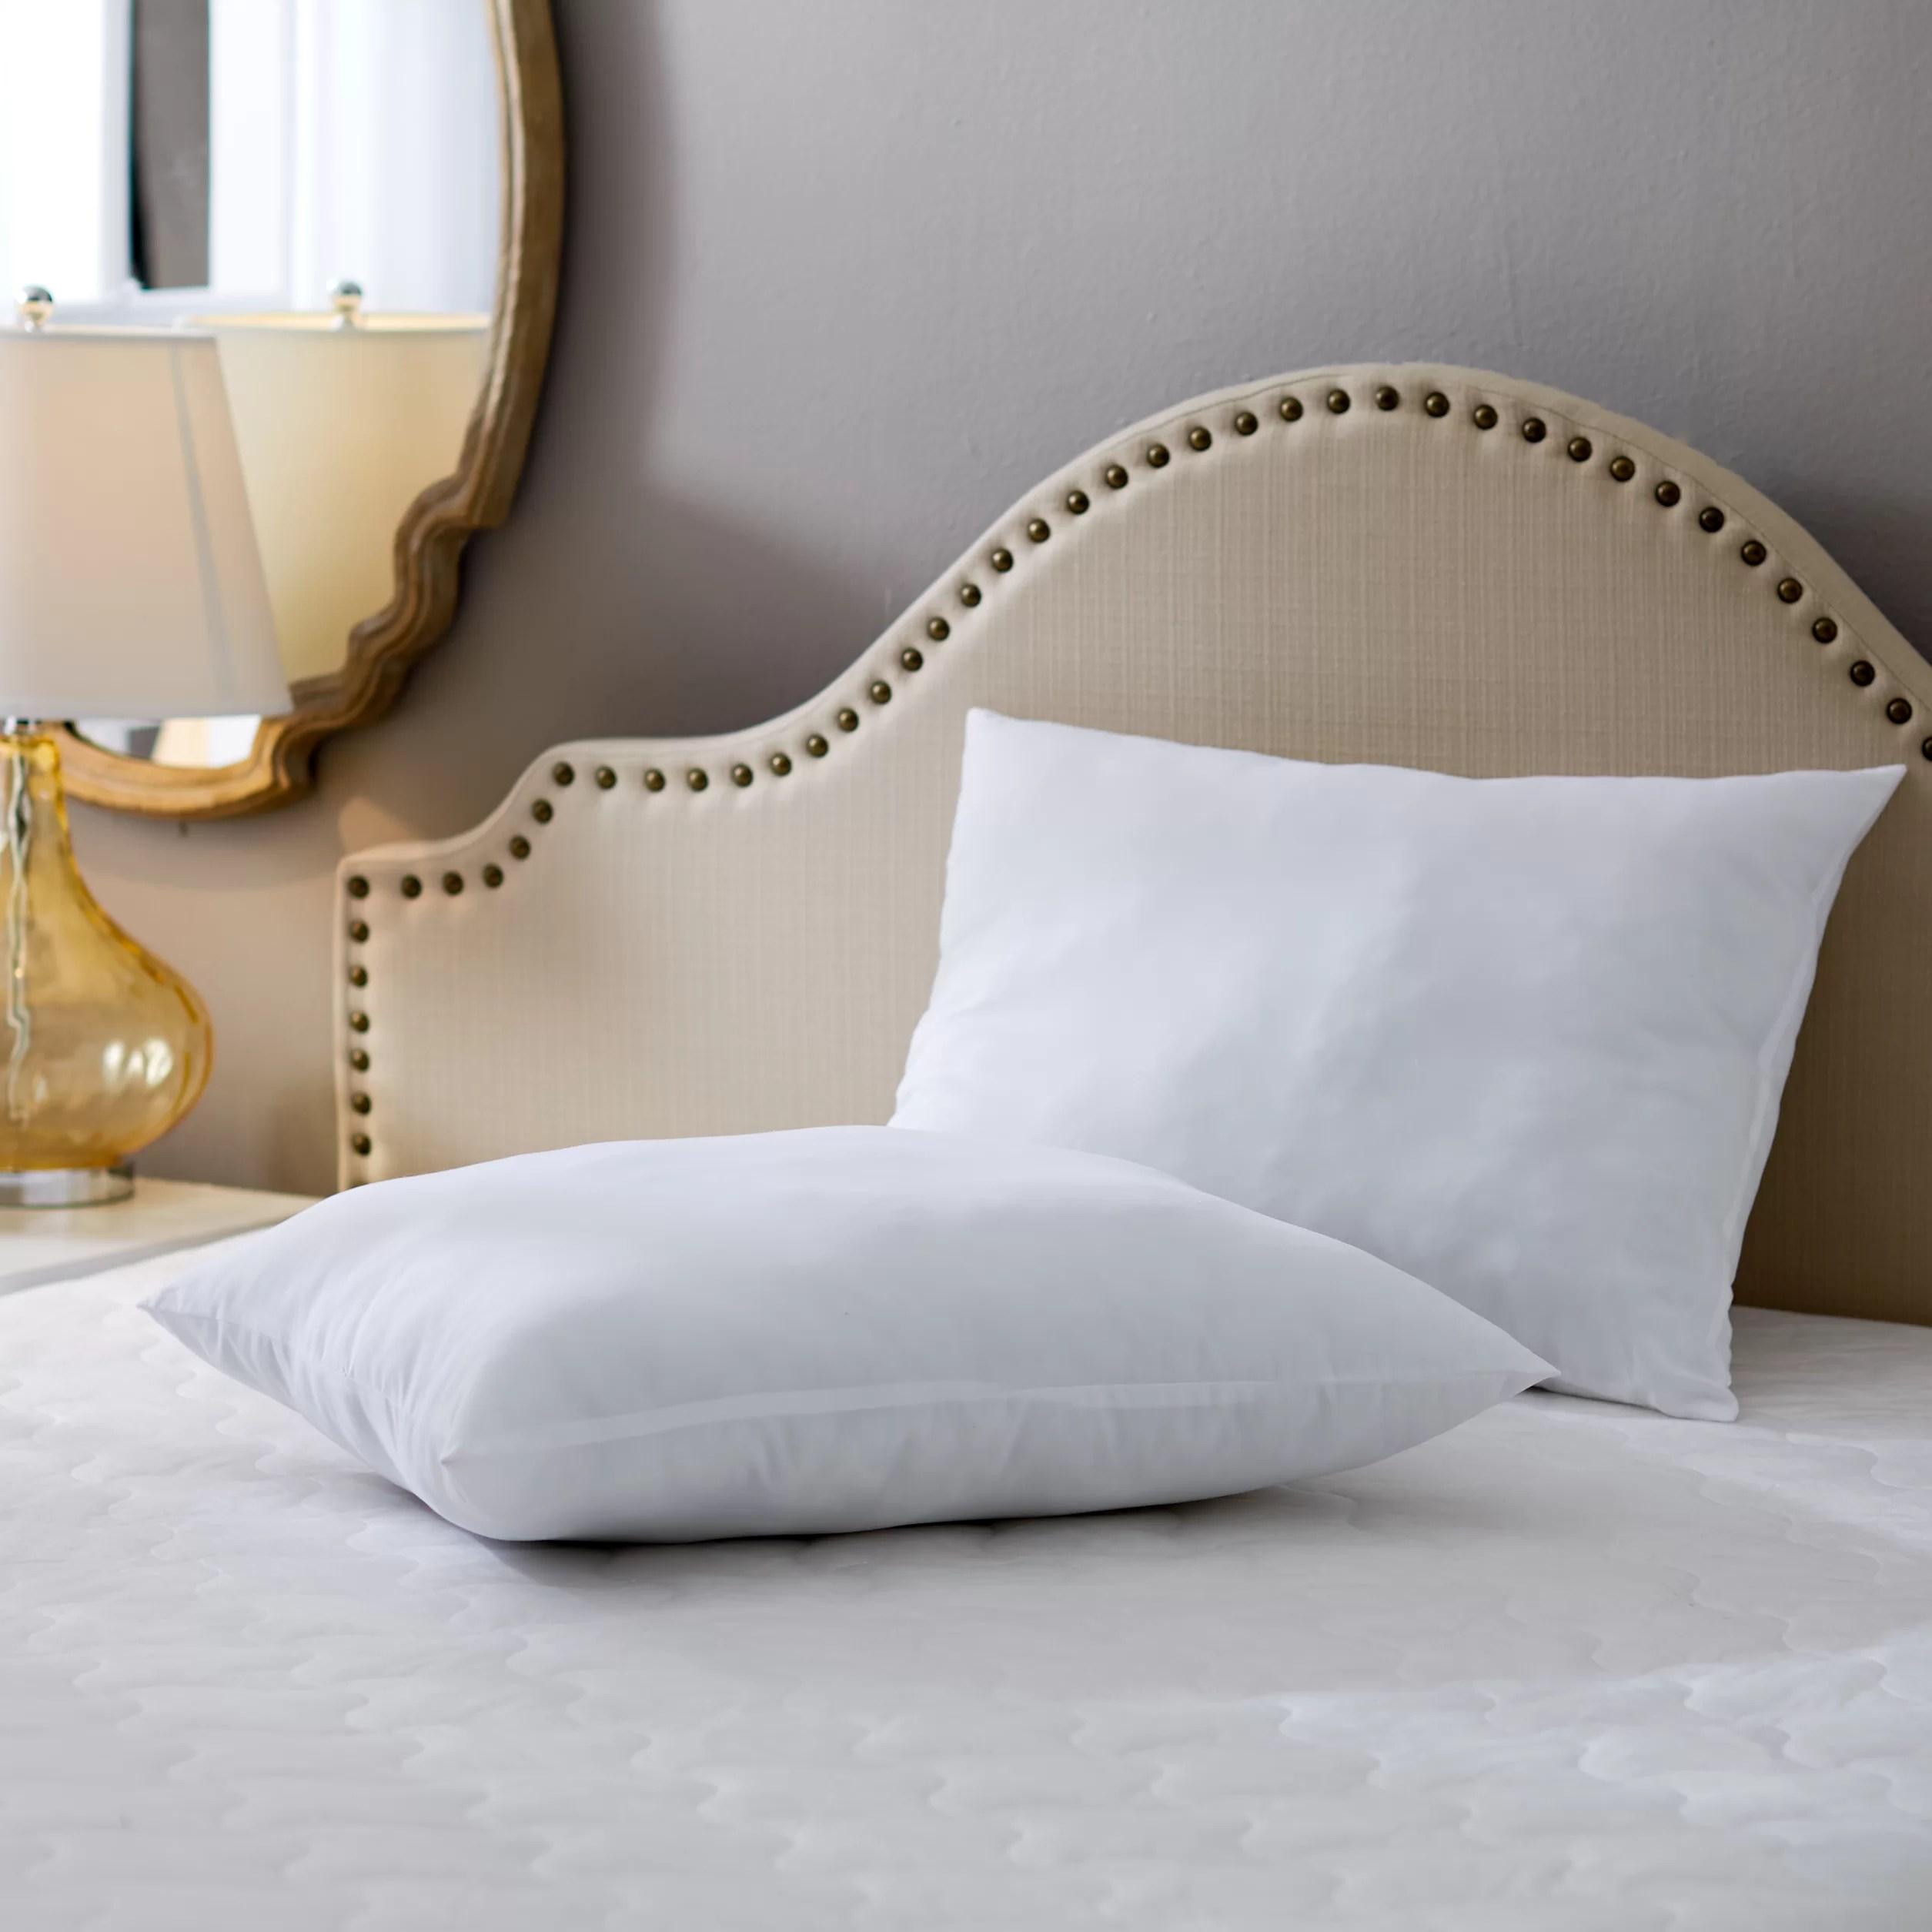 Wayfair Sleep Wayfair Sleep Medium Pillow & Reviews